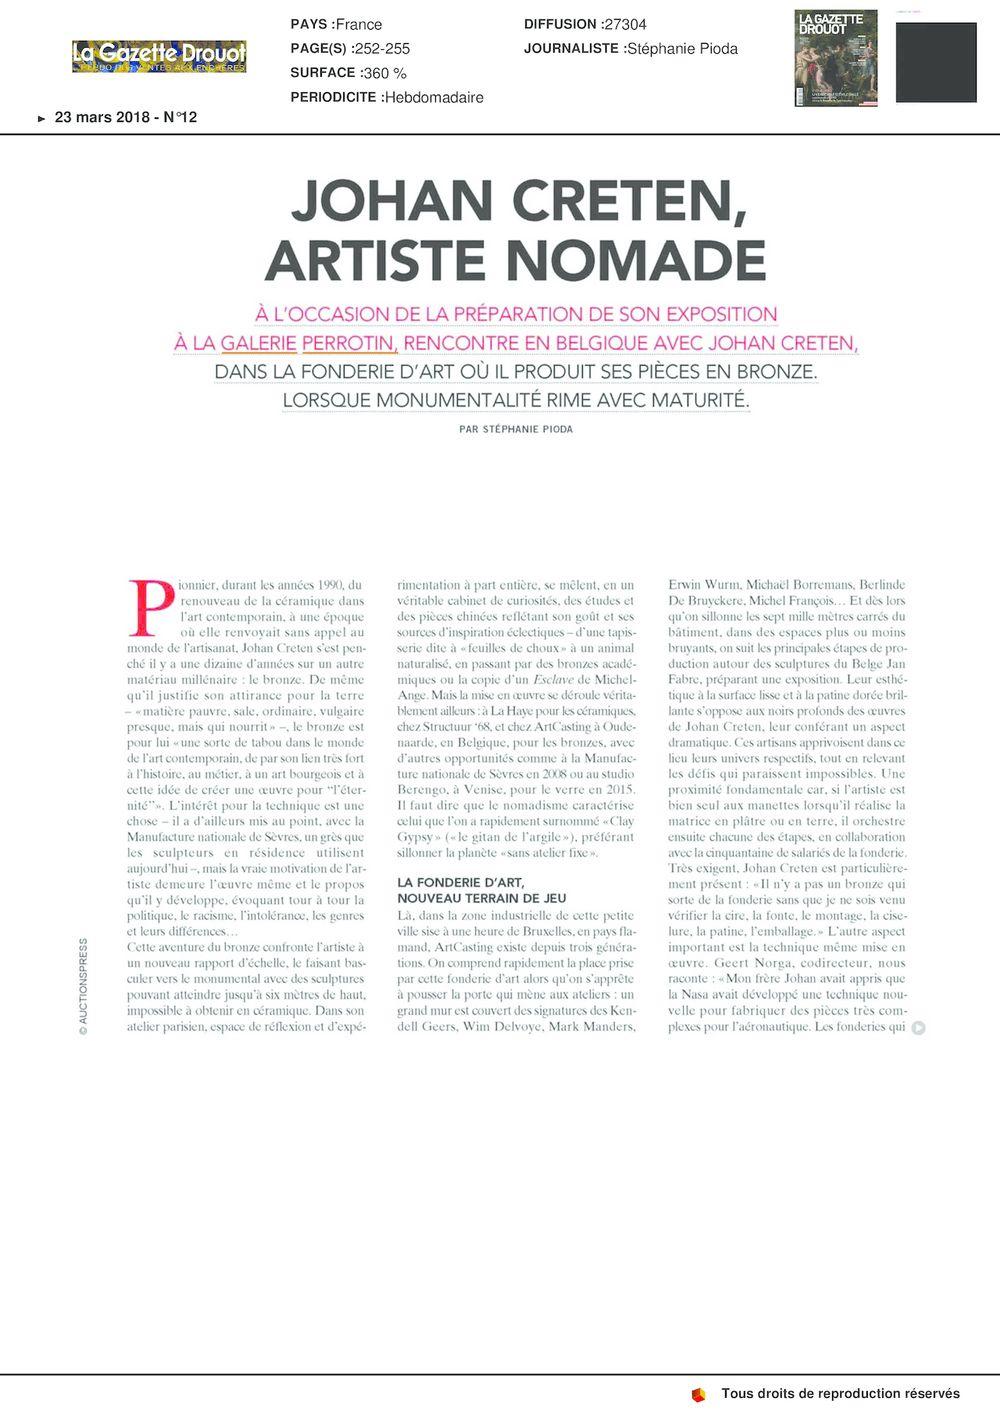 La Gazette Drouot | Johan CRETEN